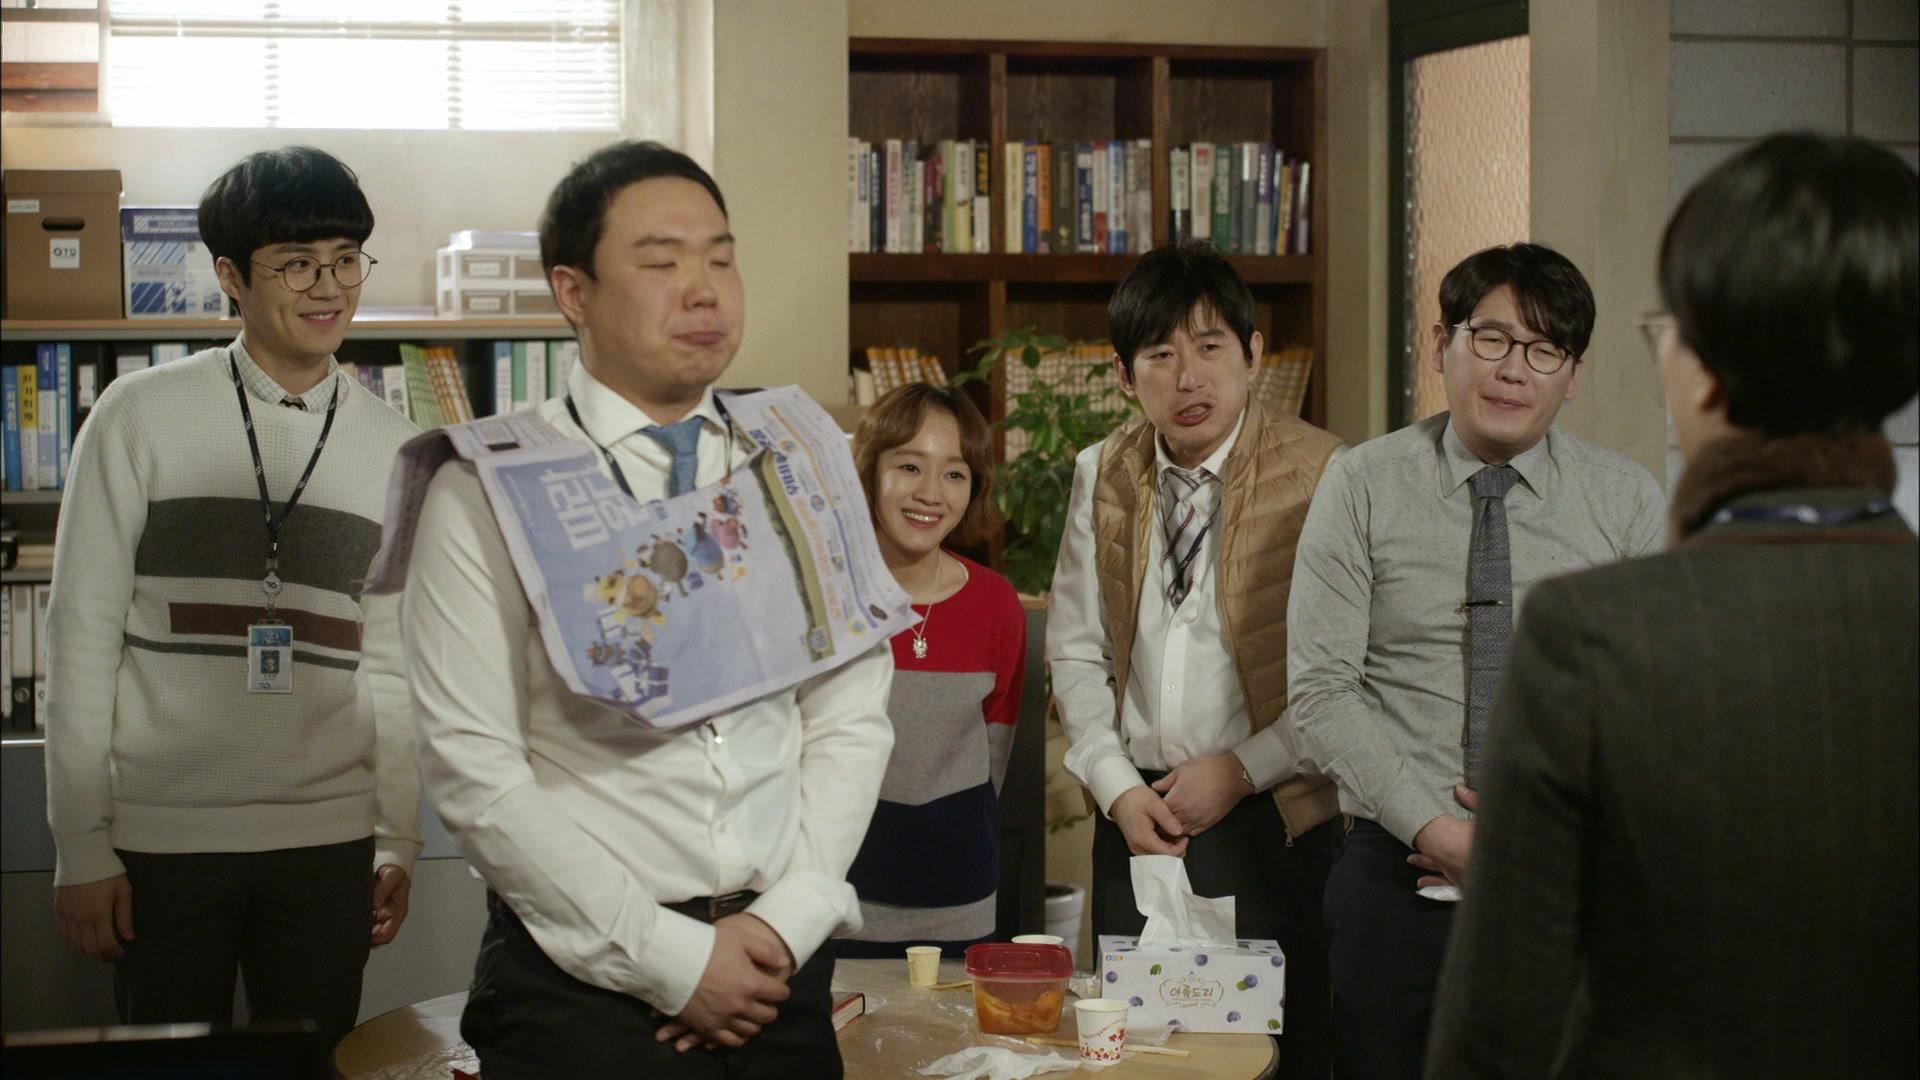 Chief Kim Episode 4